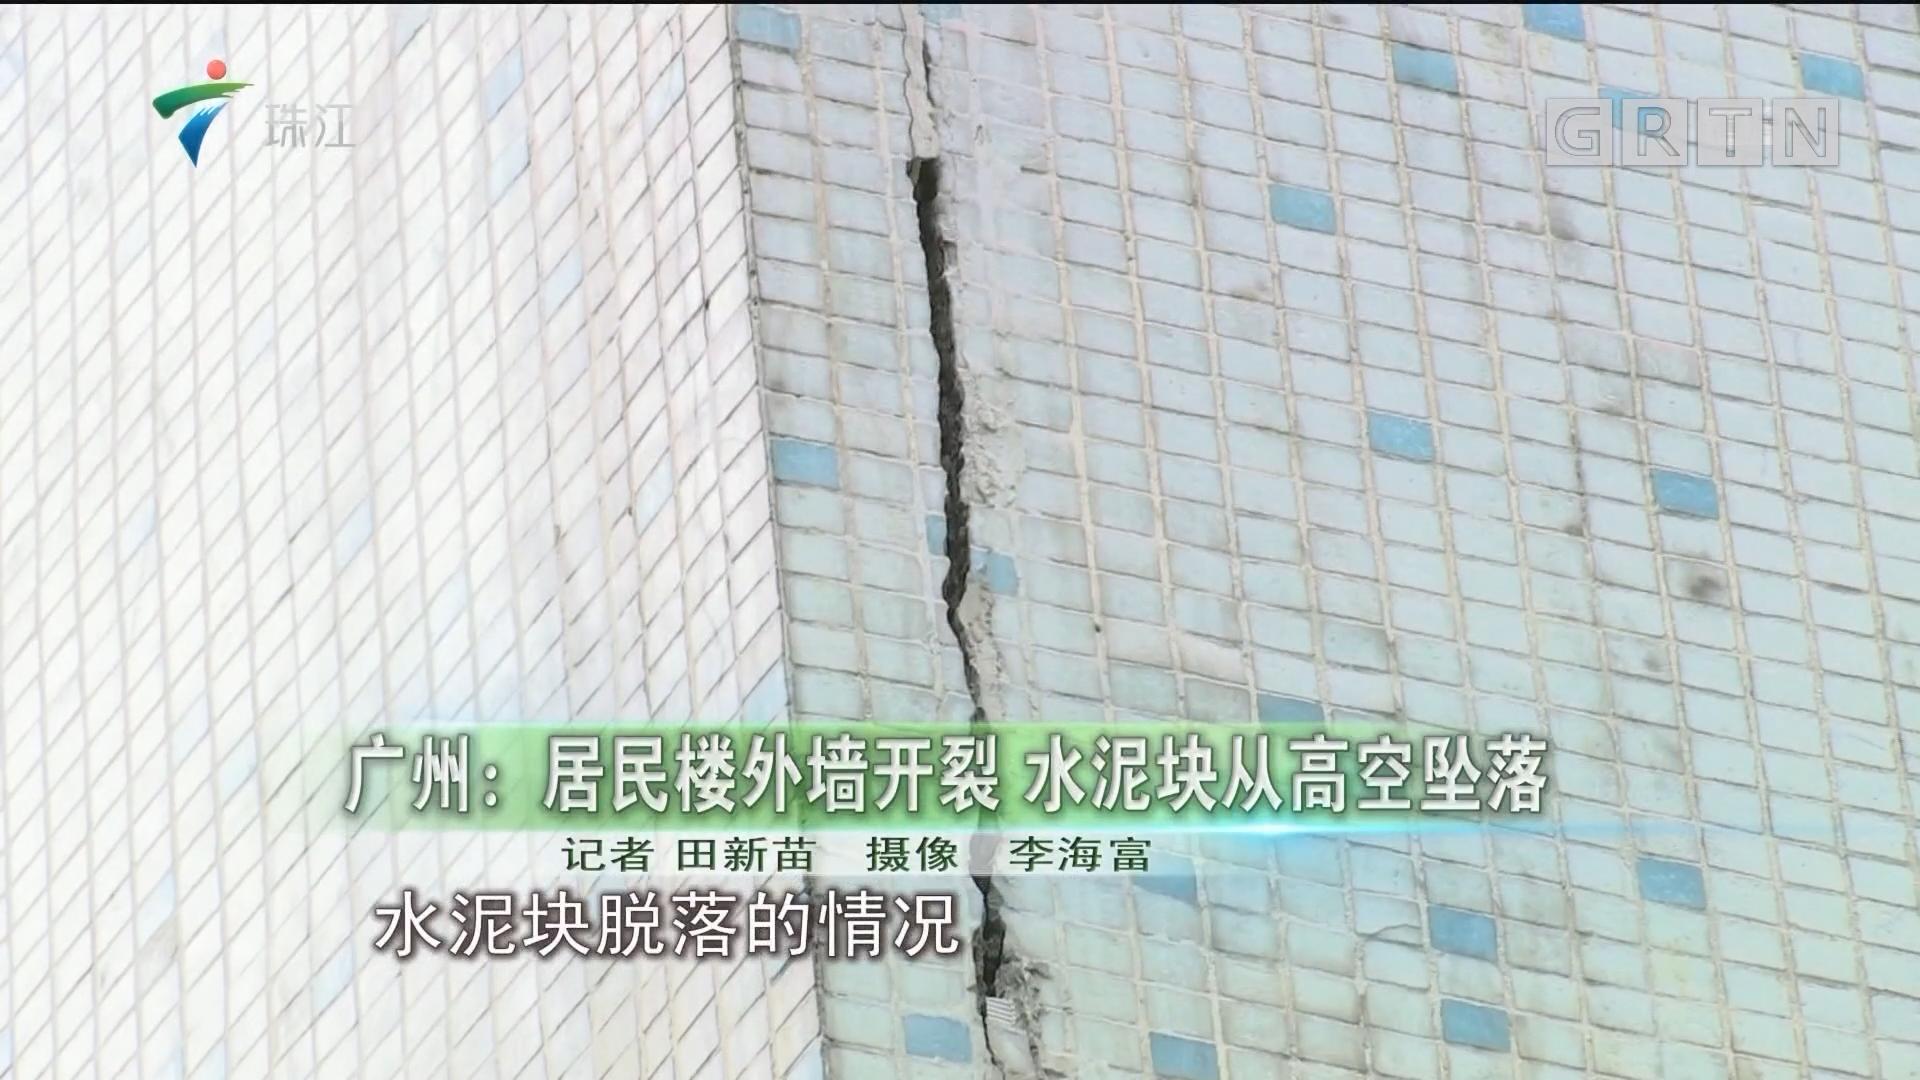 广州:居民楼外墙开裂 水泥块从高空坠落